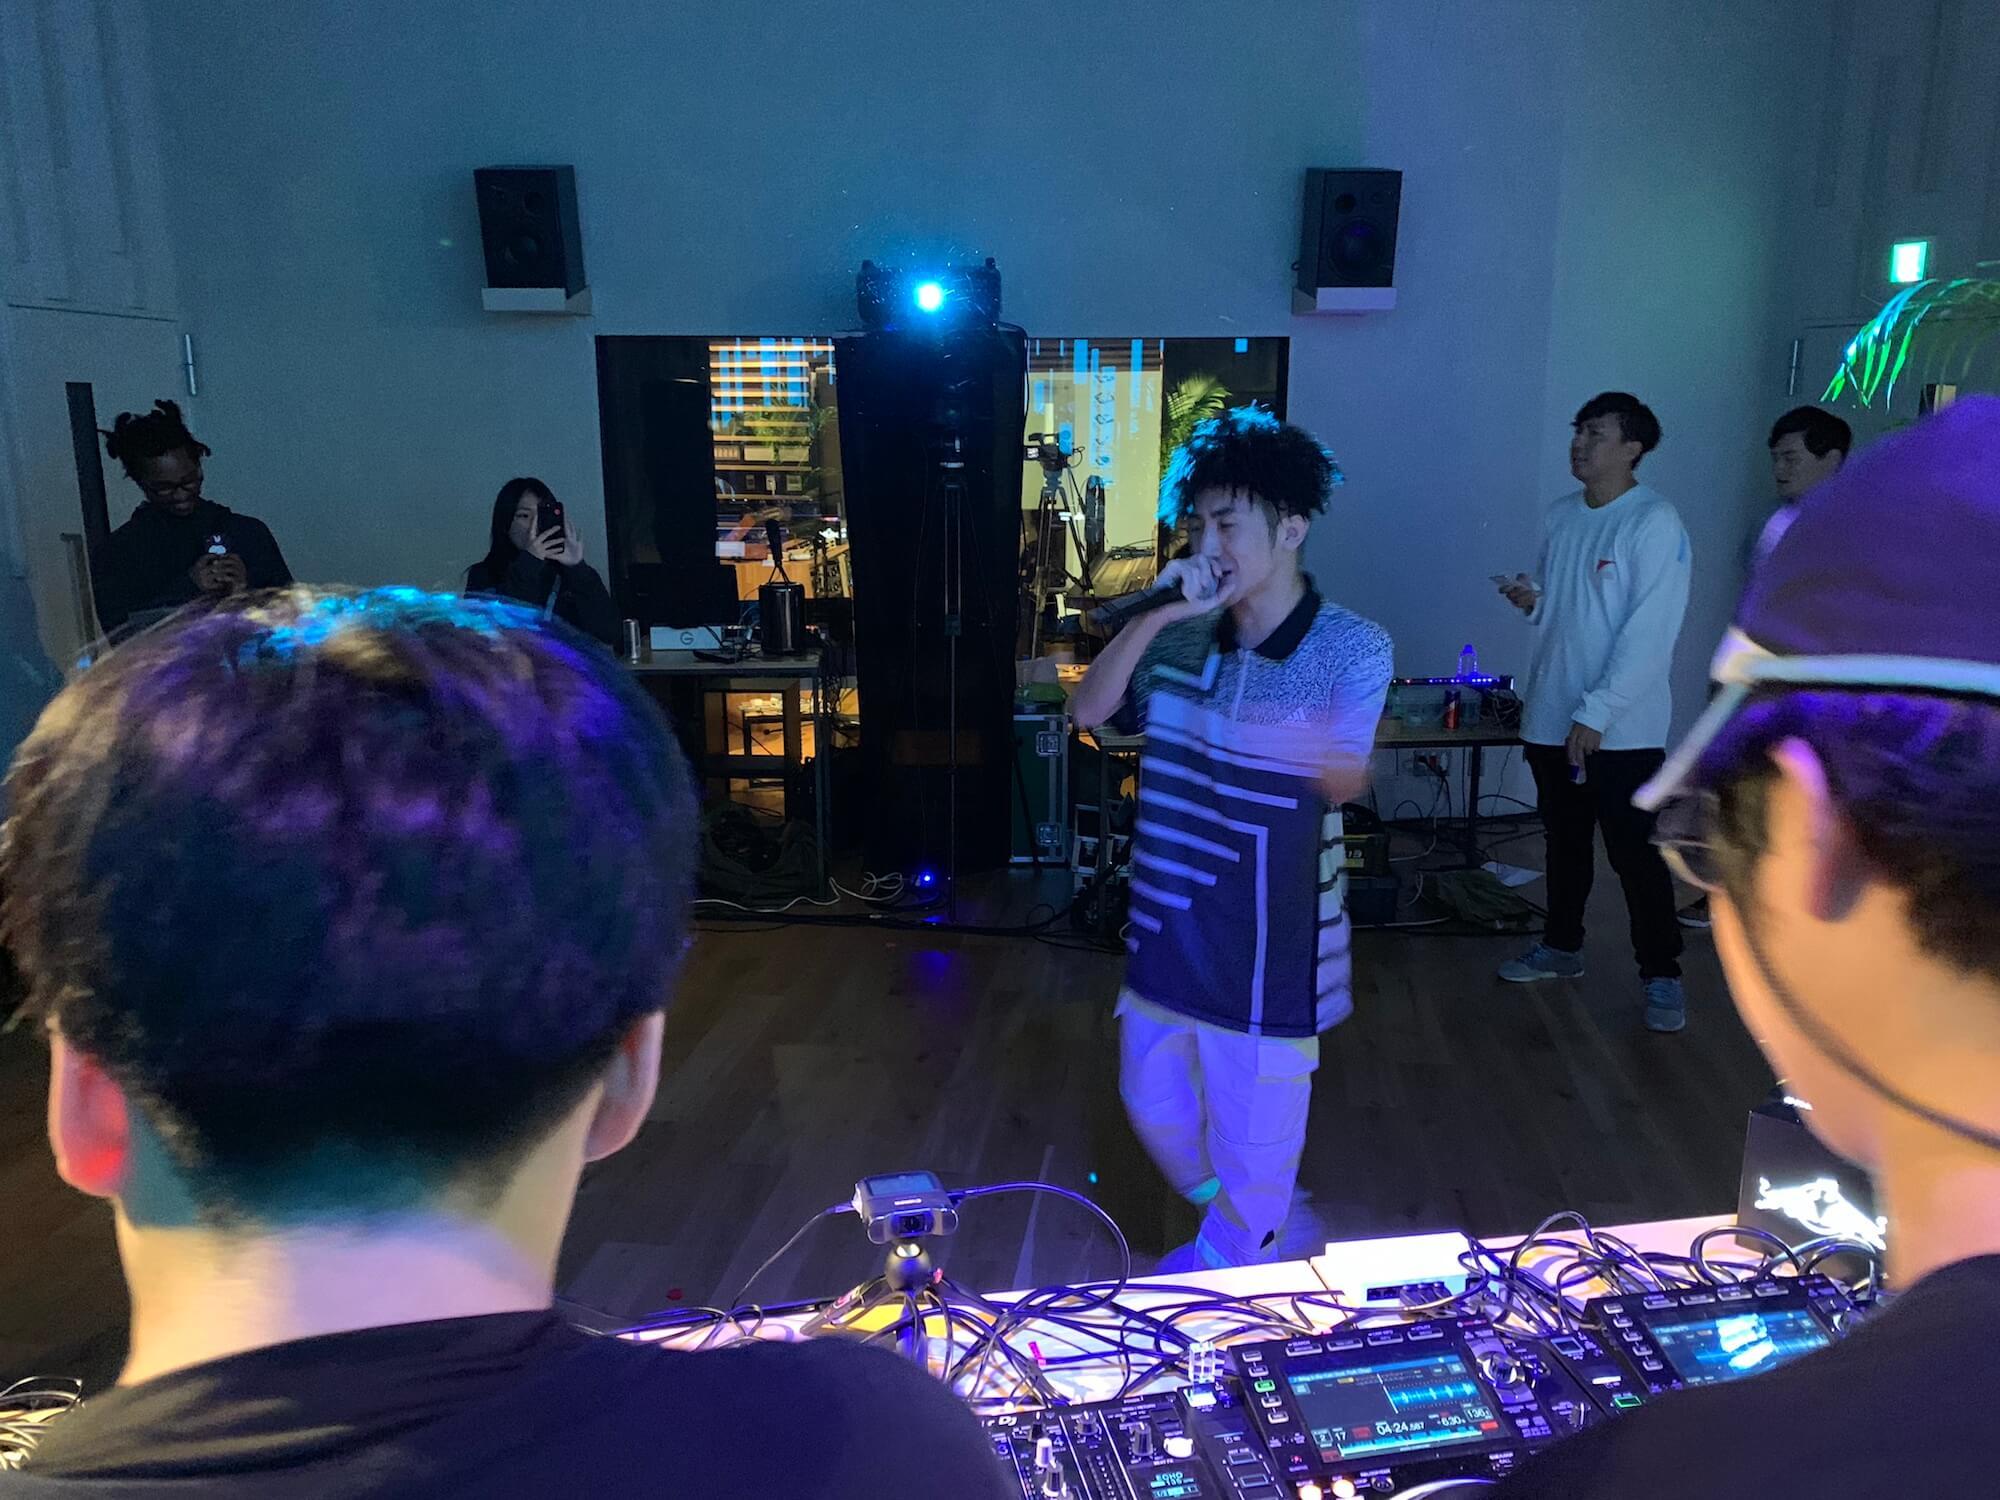 【フォトレポ】RED BULL MUSIC FESTIVAL TOKYO 2018|「Plug」by TREKKIE TRAX red-bull-music-festival-tokyo-2018-plug-trekkie-trax-12